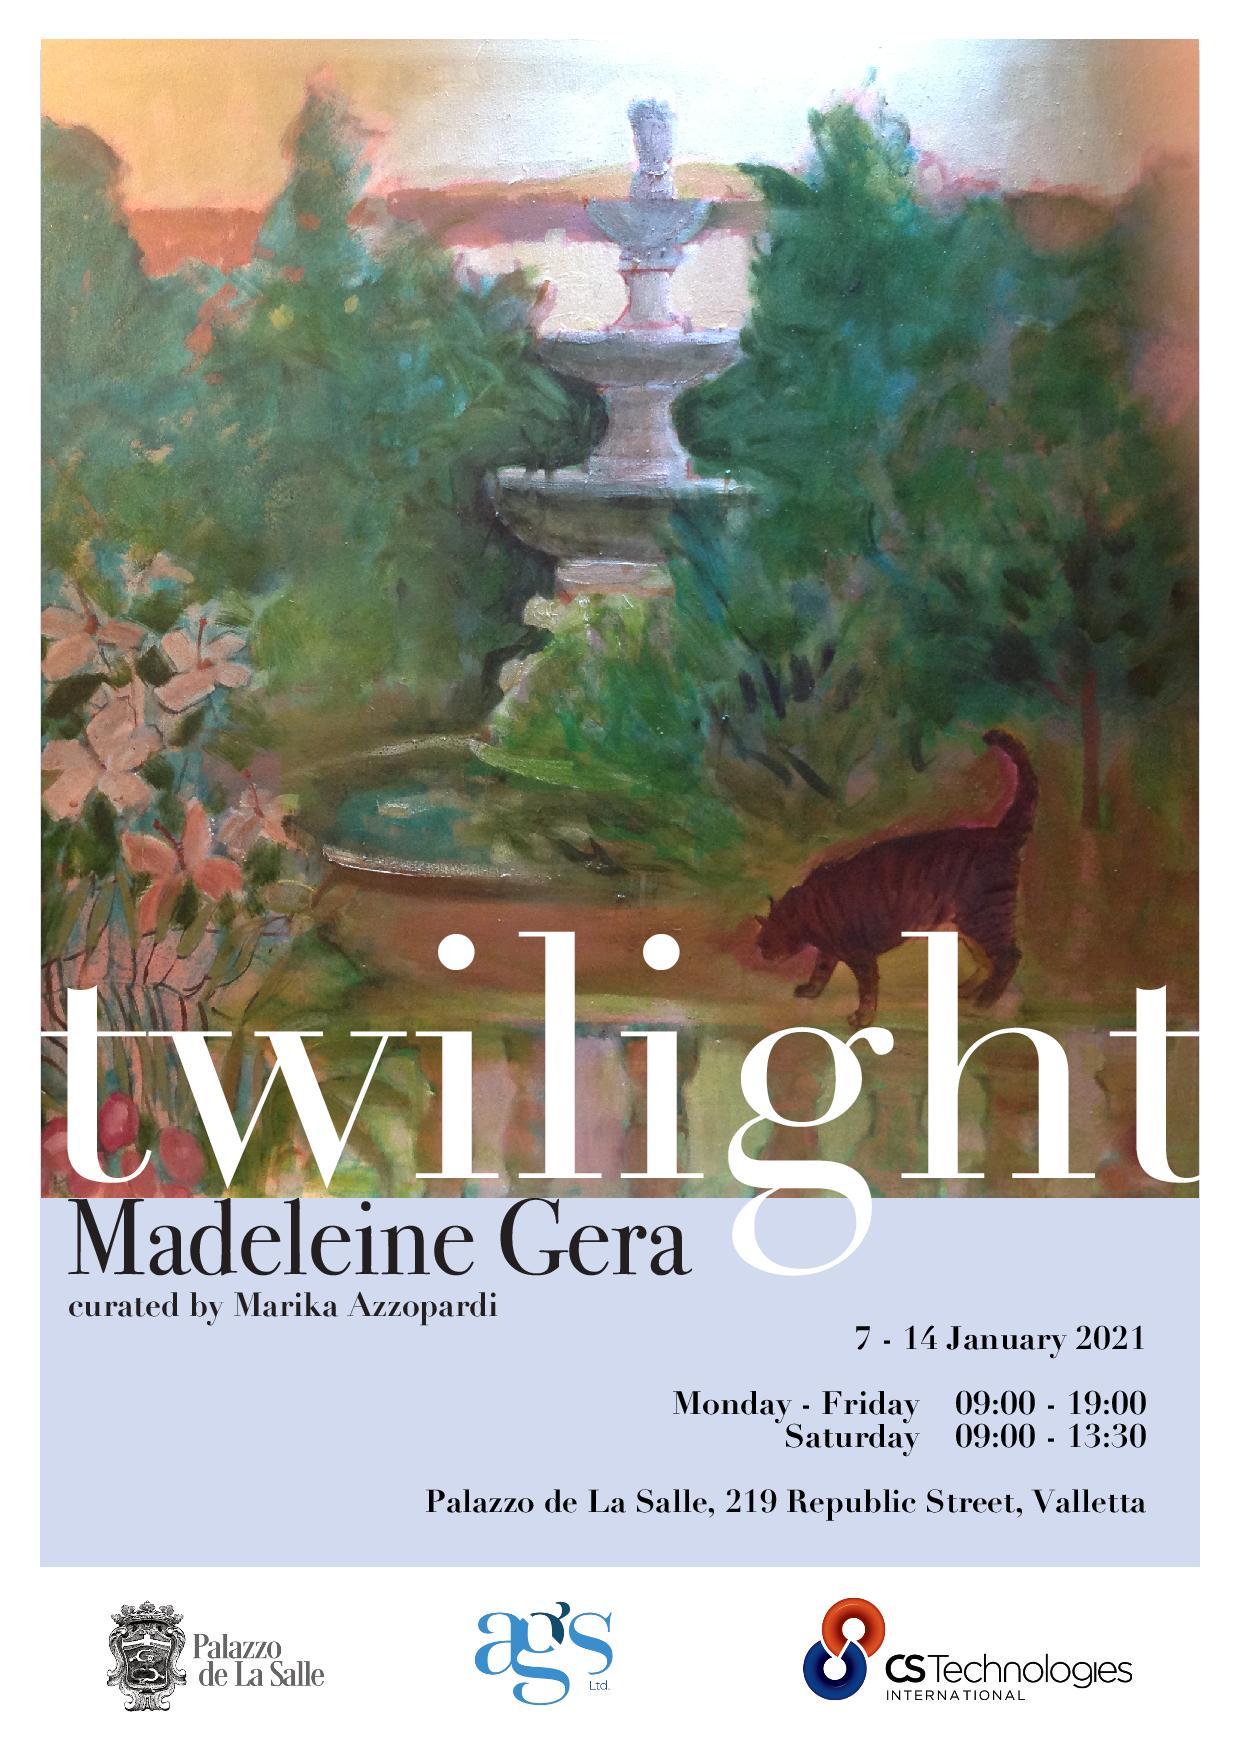 Poster Madeleine Gera - jpg